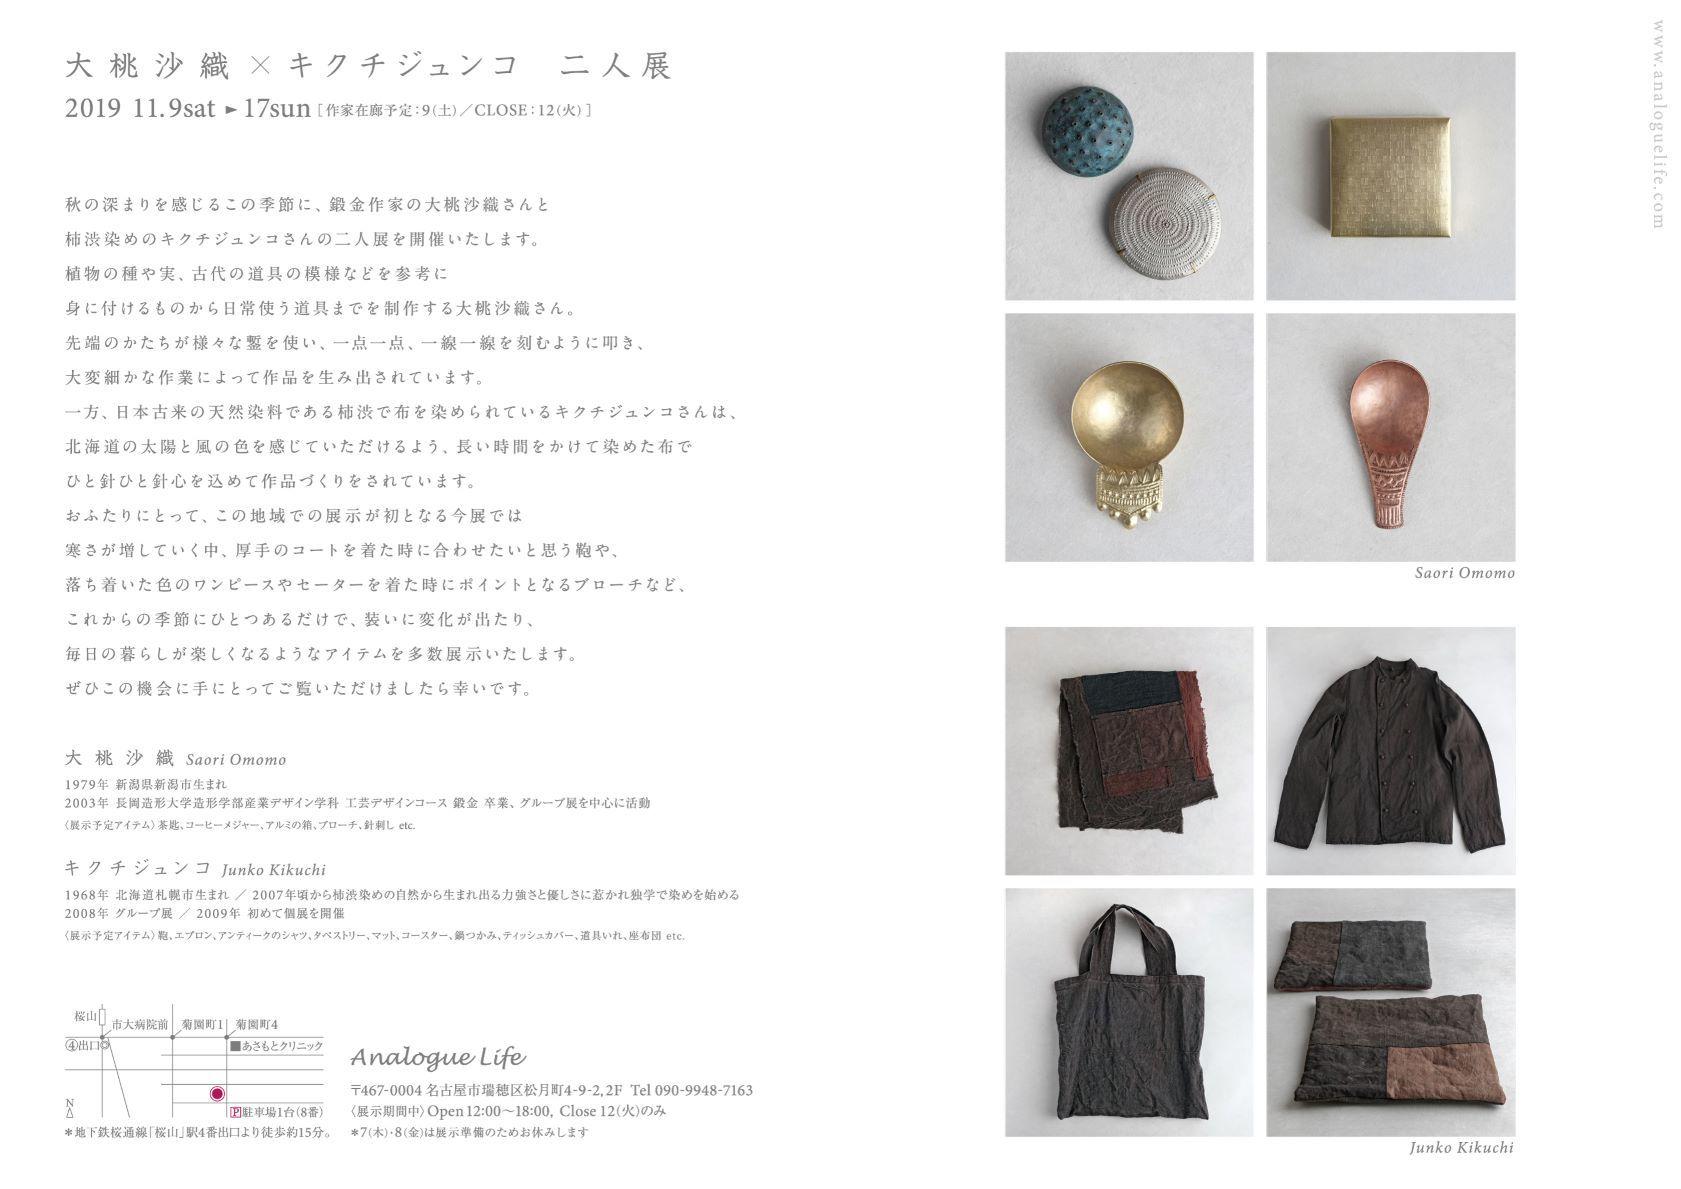 大桃沙織 × キクチジュンコ 二人展_f0128761_21033143.jpg